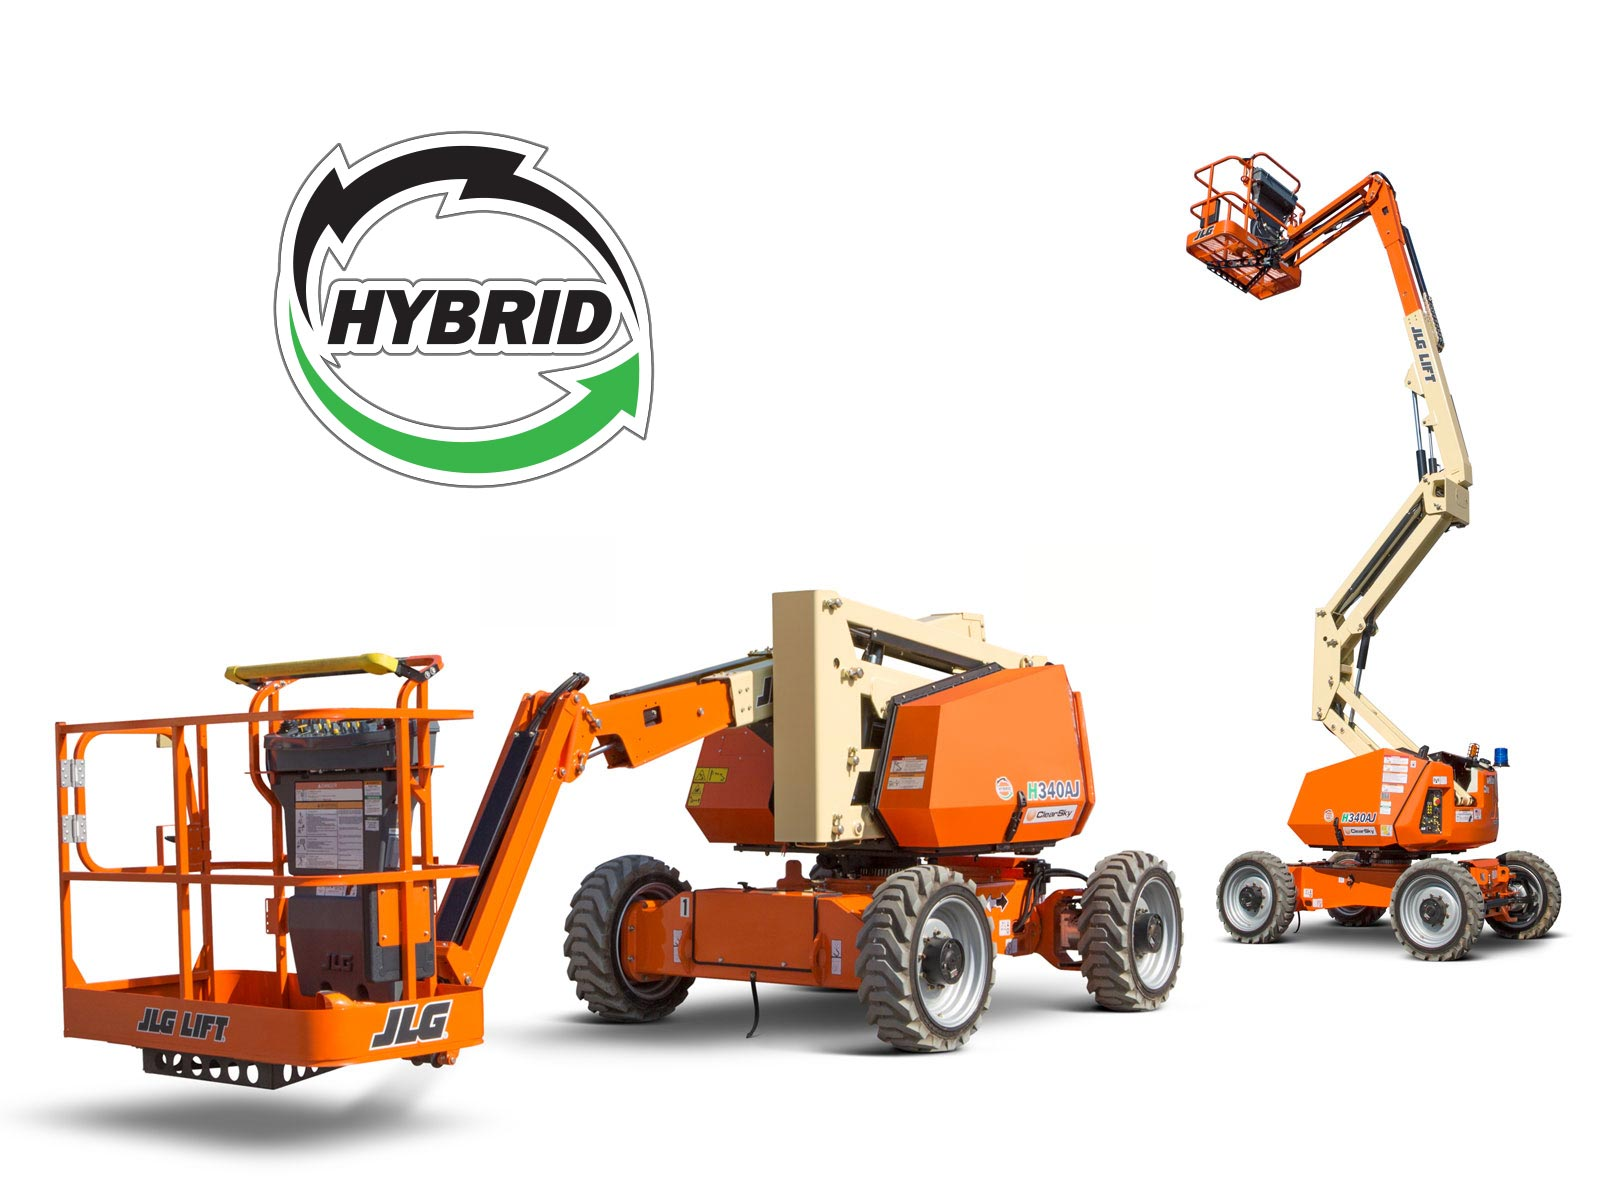 H340aj silos hybridlogo